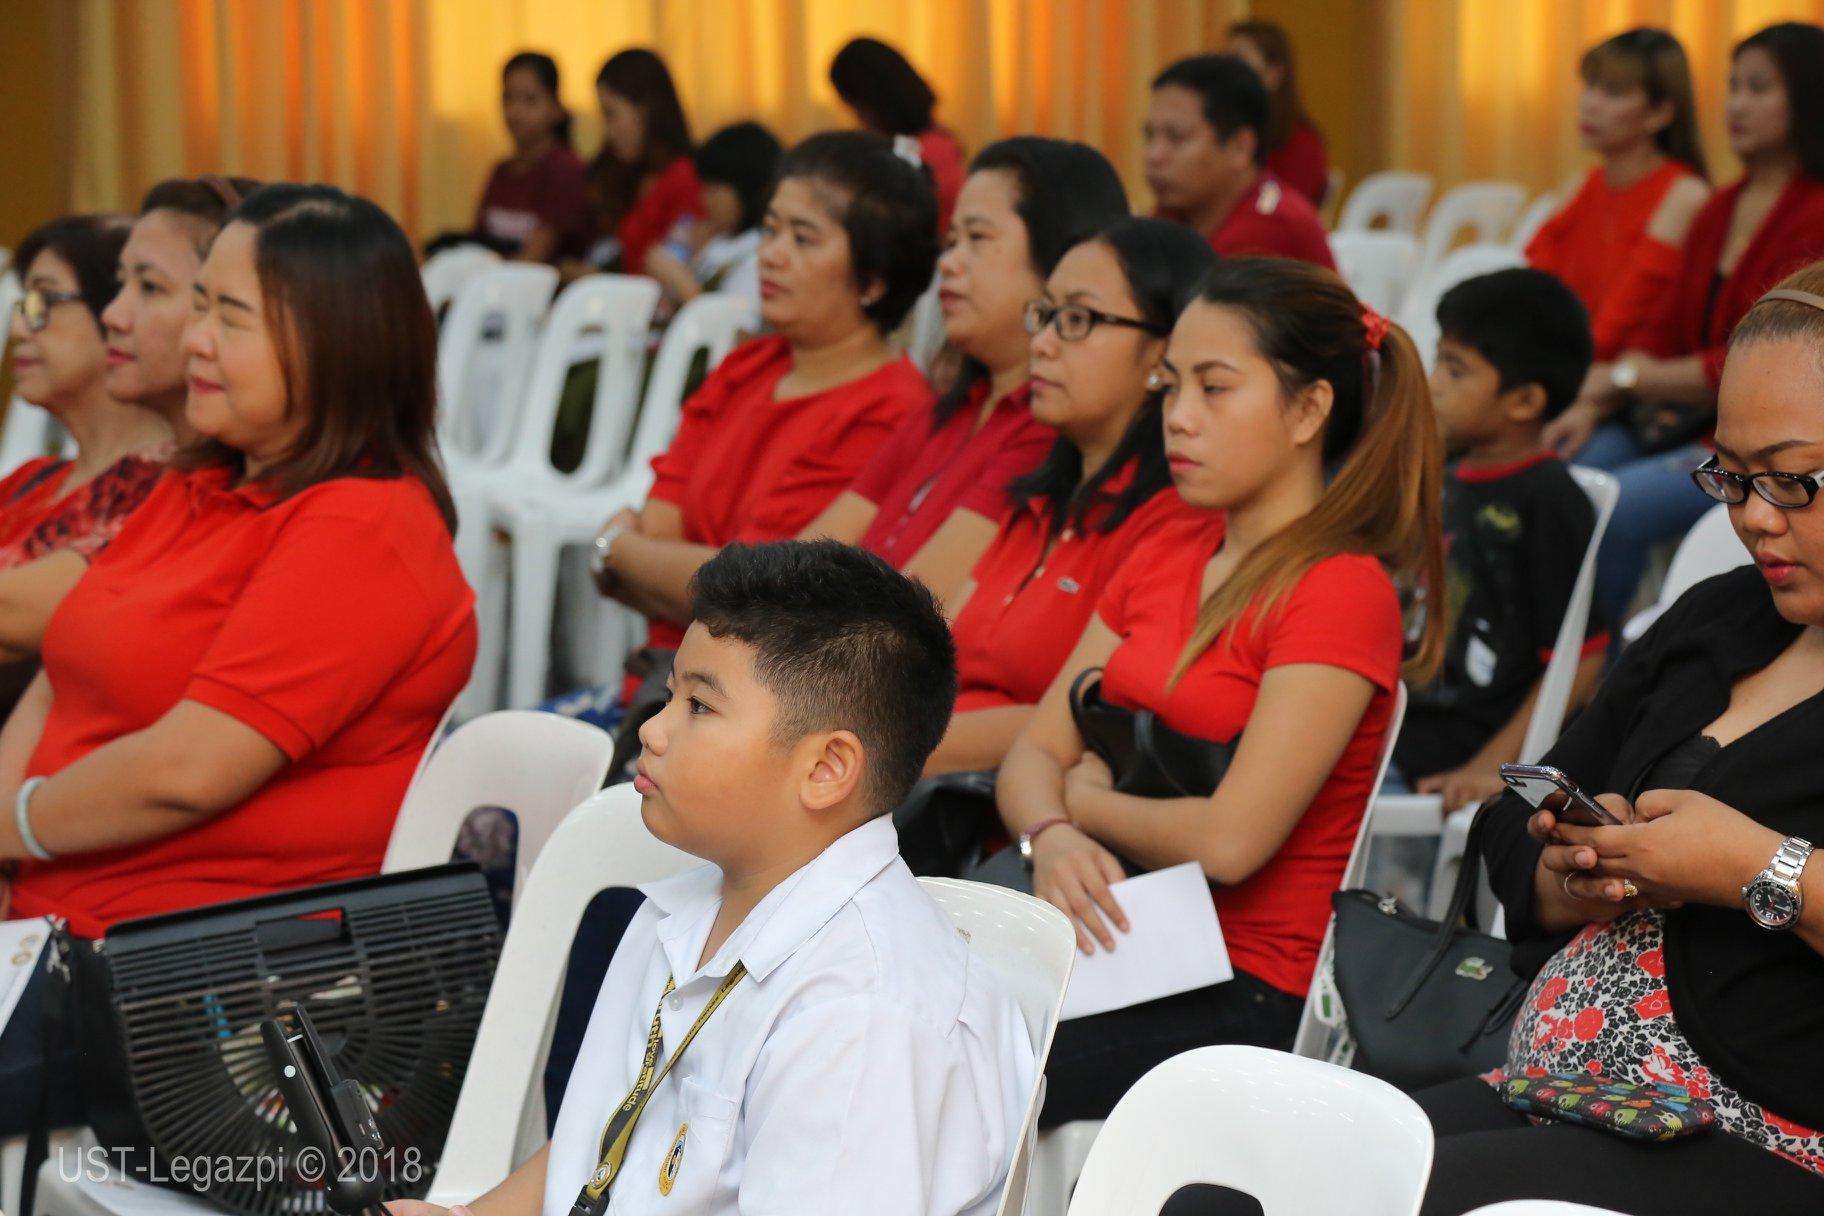 Parents-Instructors Association Induction Ceremony